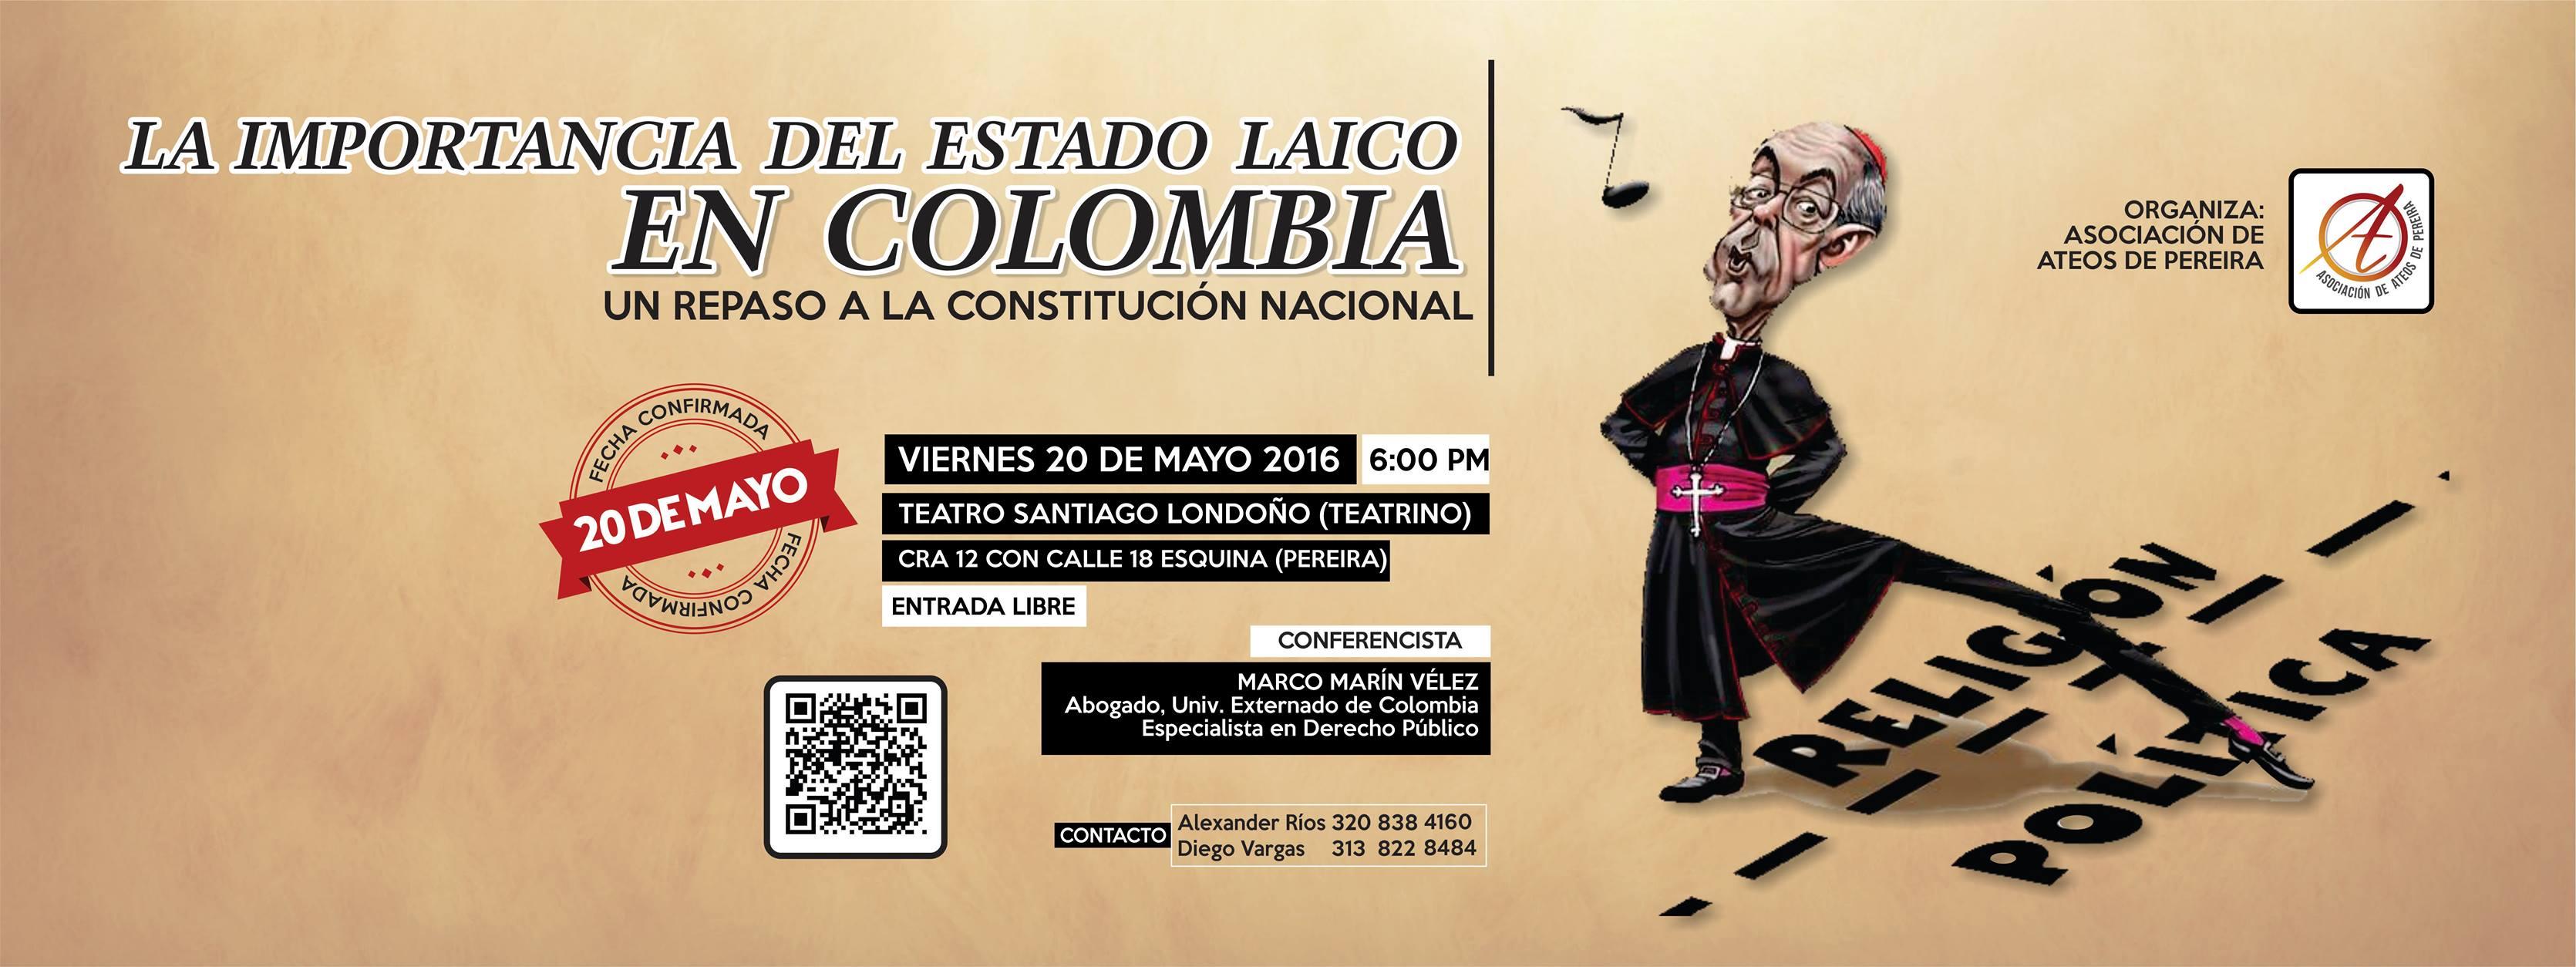 Importancia-Estado-Laico-Colombia-Mayo-2